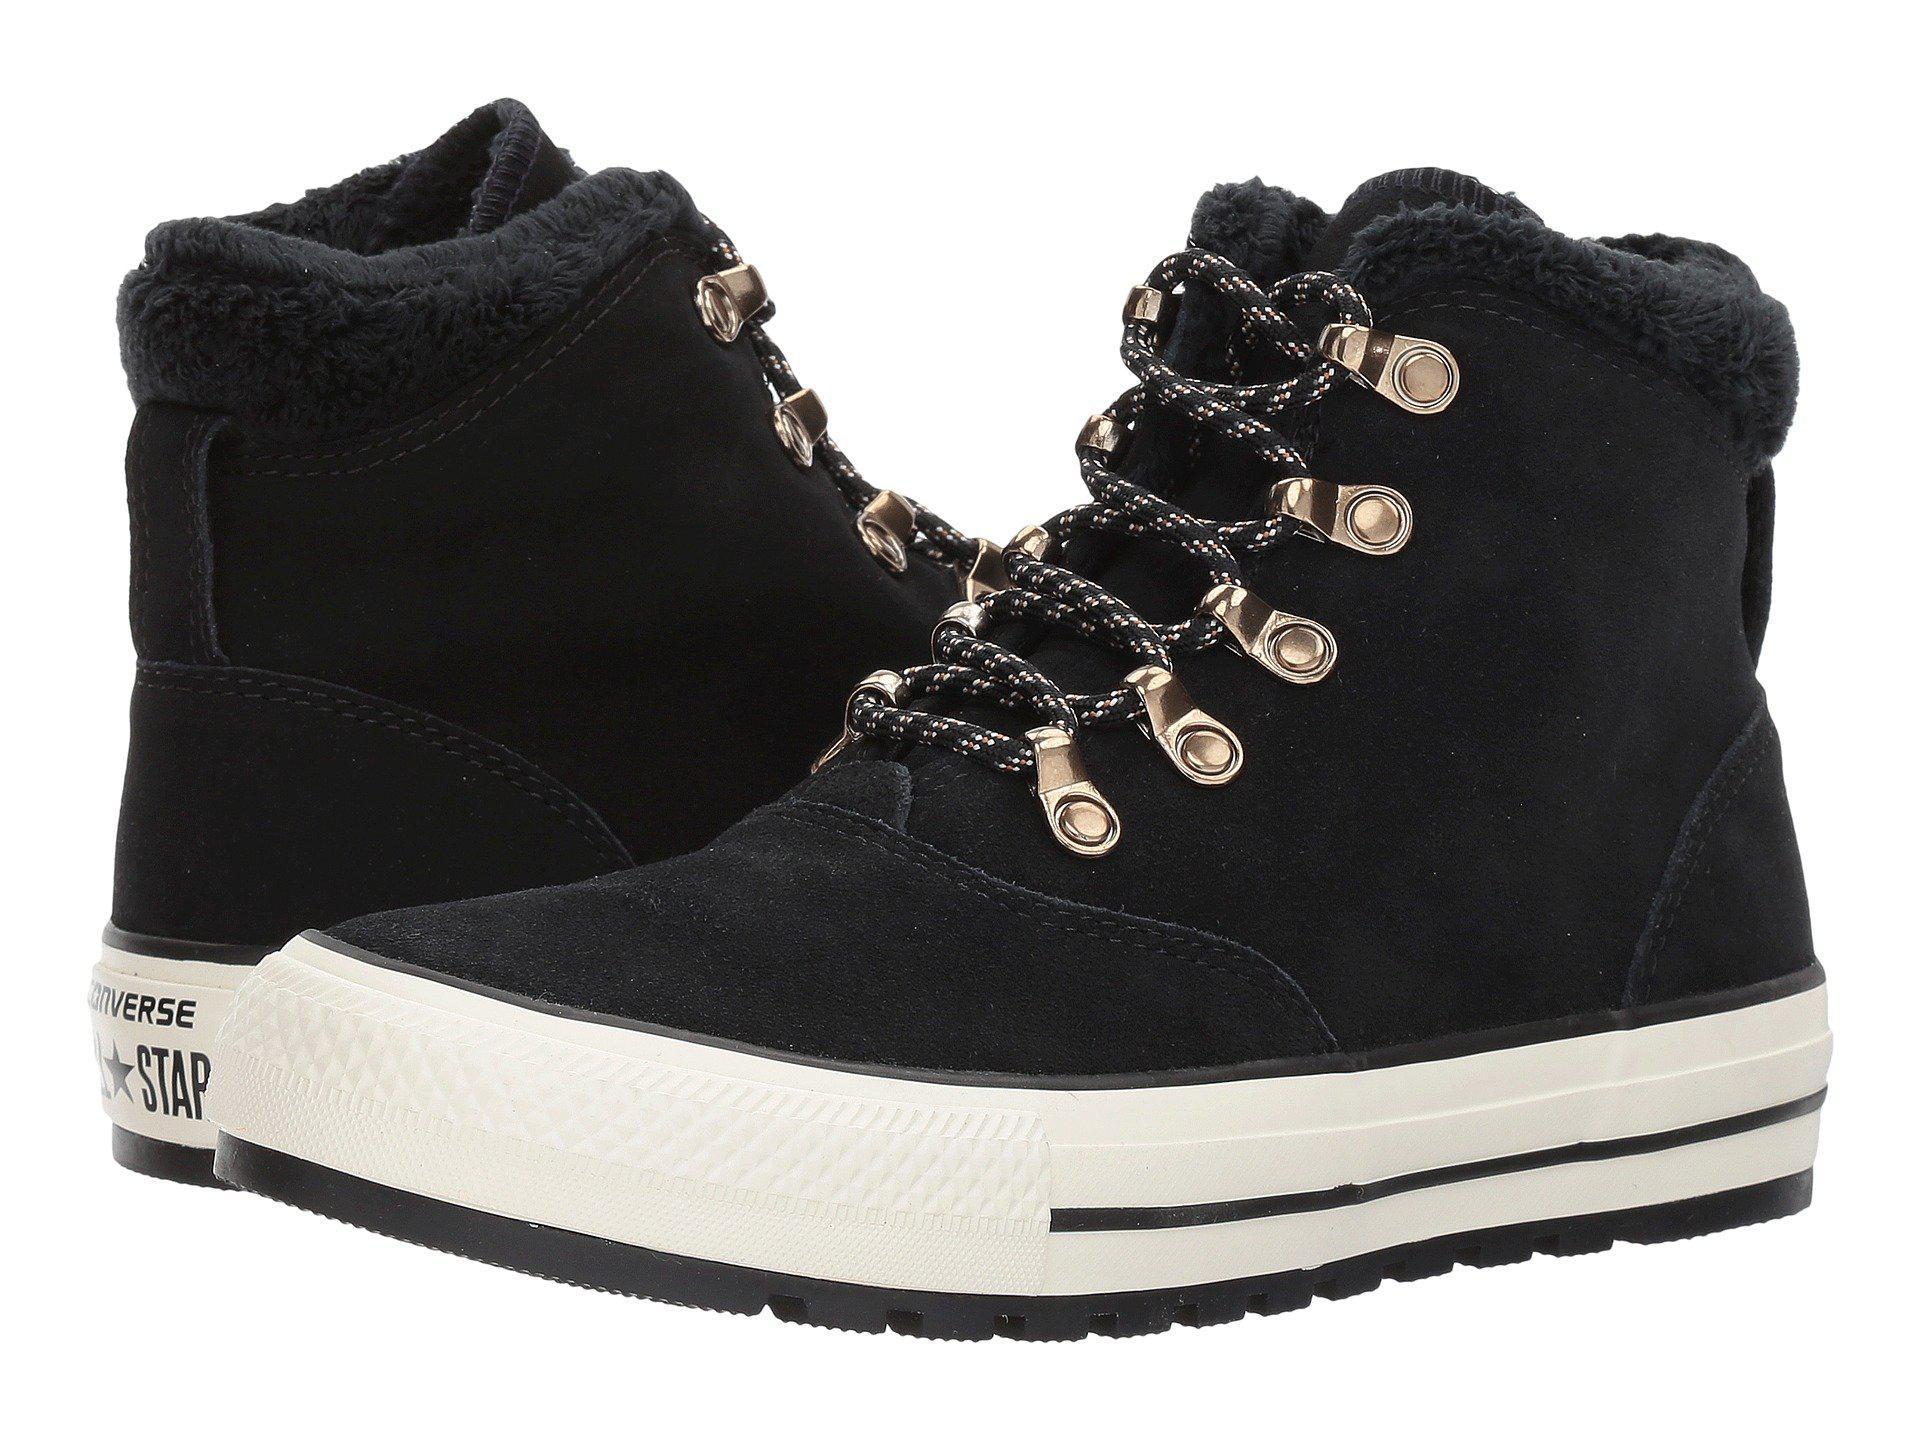 Converse All Chaussures Bateau Embre Étoile Noire Salut W b3WWd